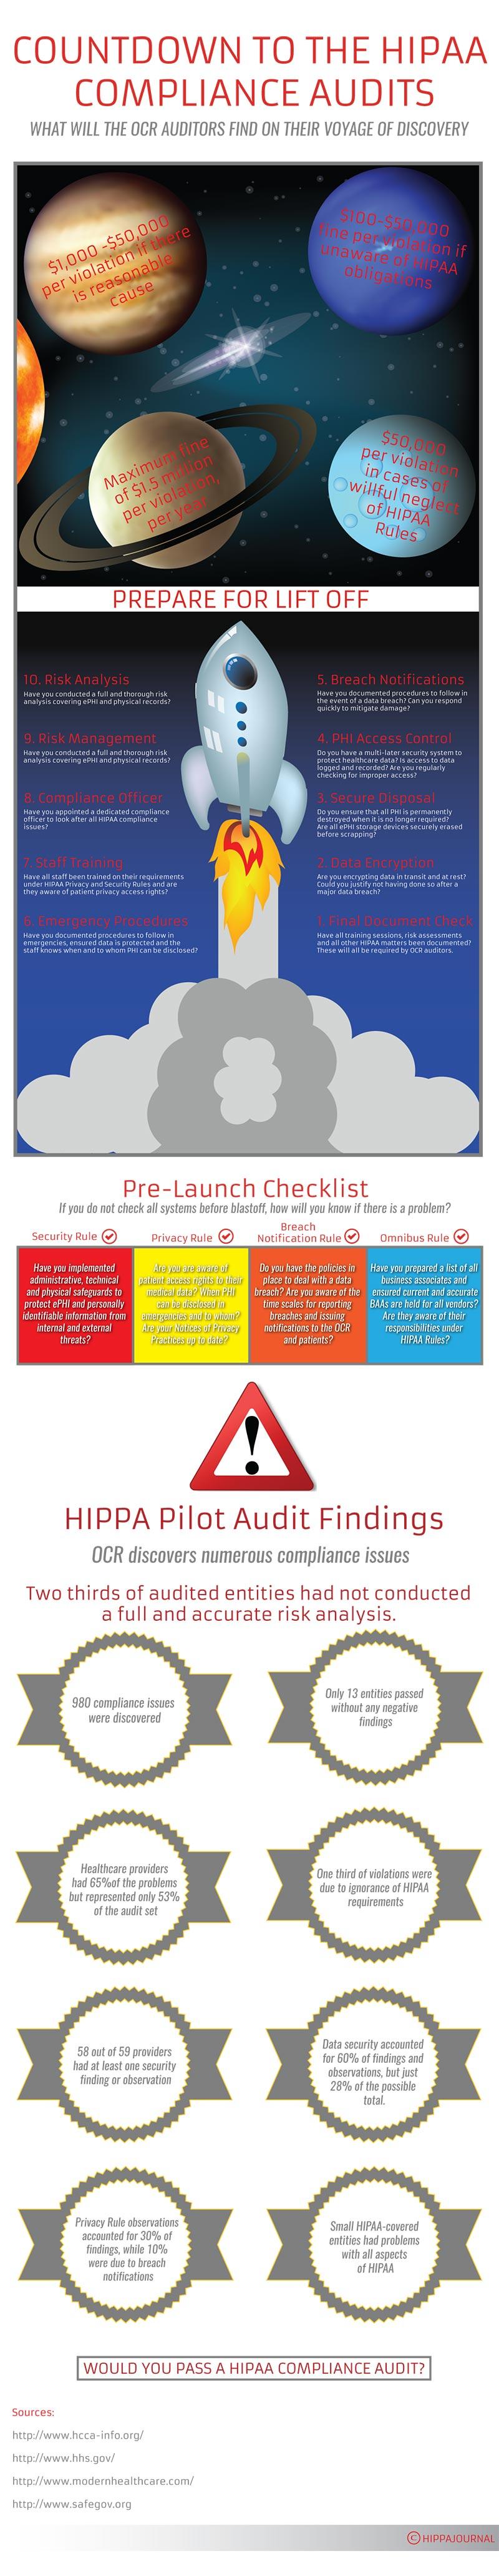 hipaajournal-countdown-to-hipaa-compliance-audits